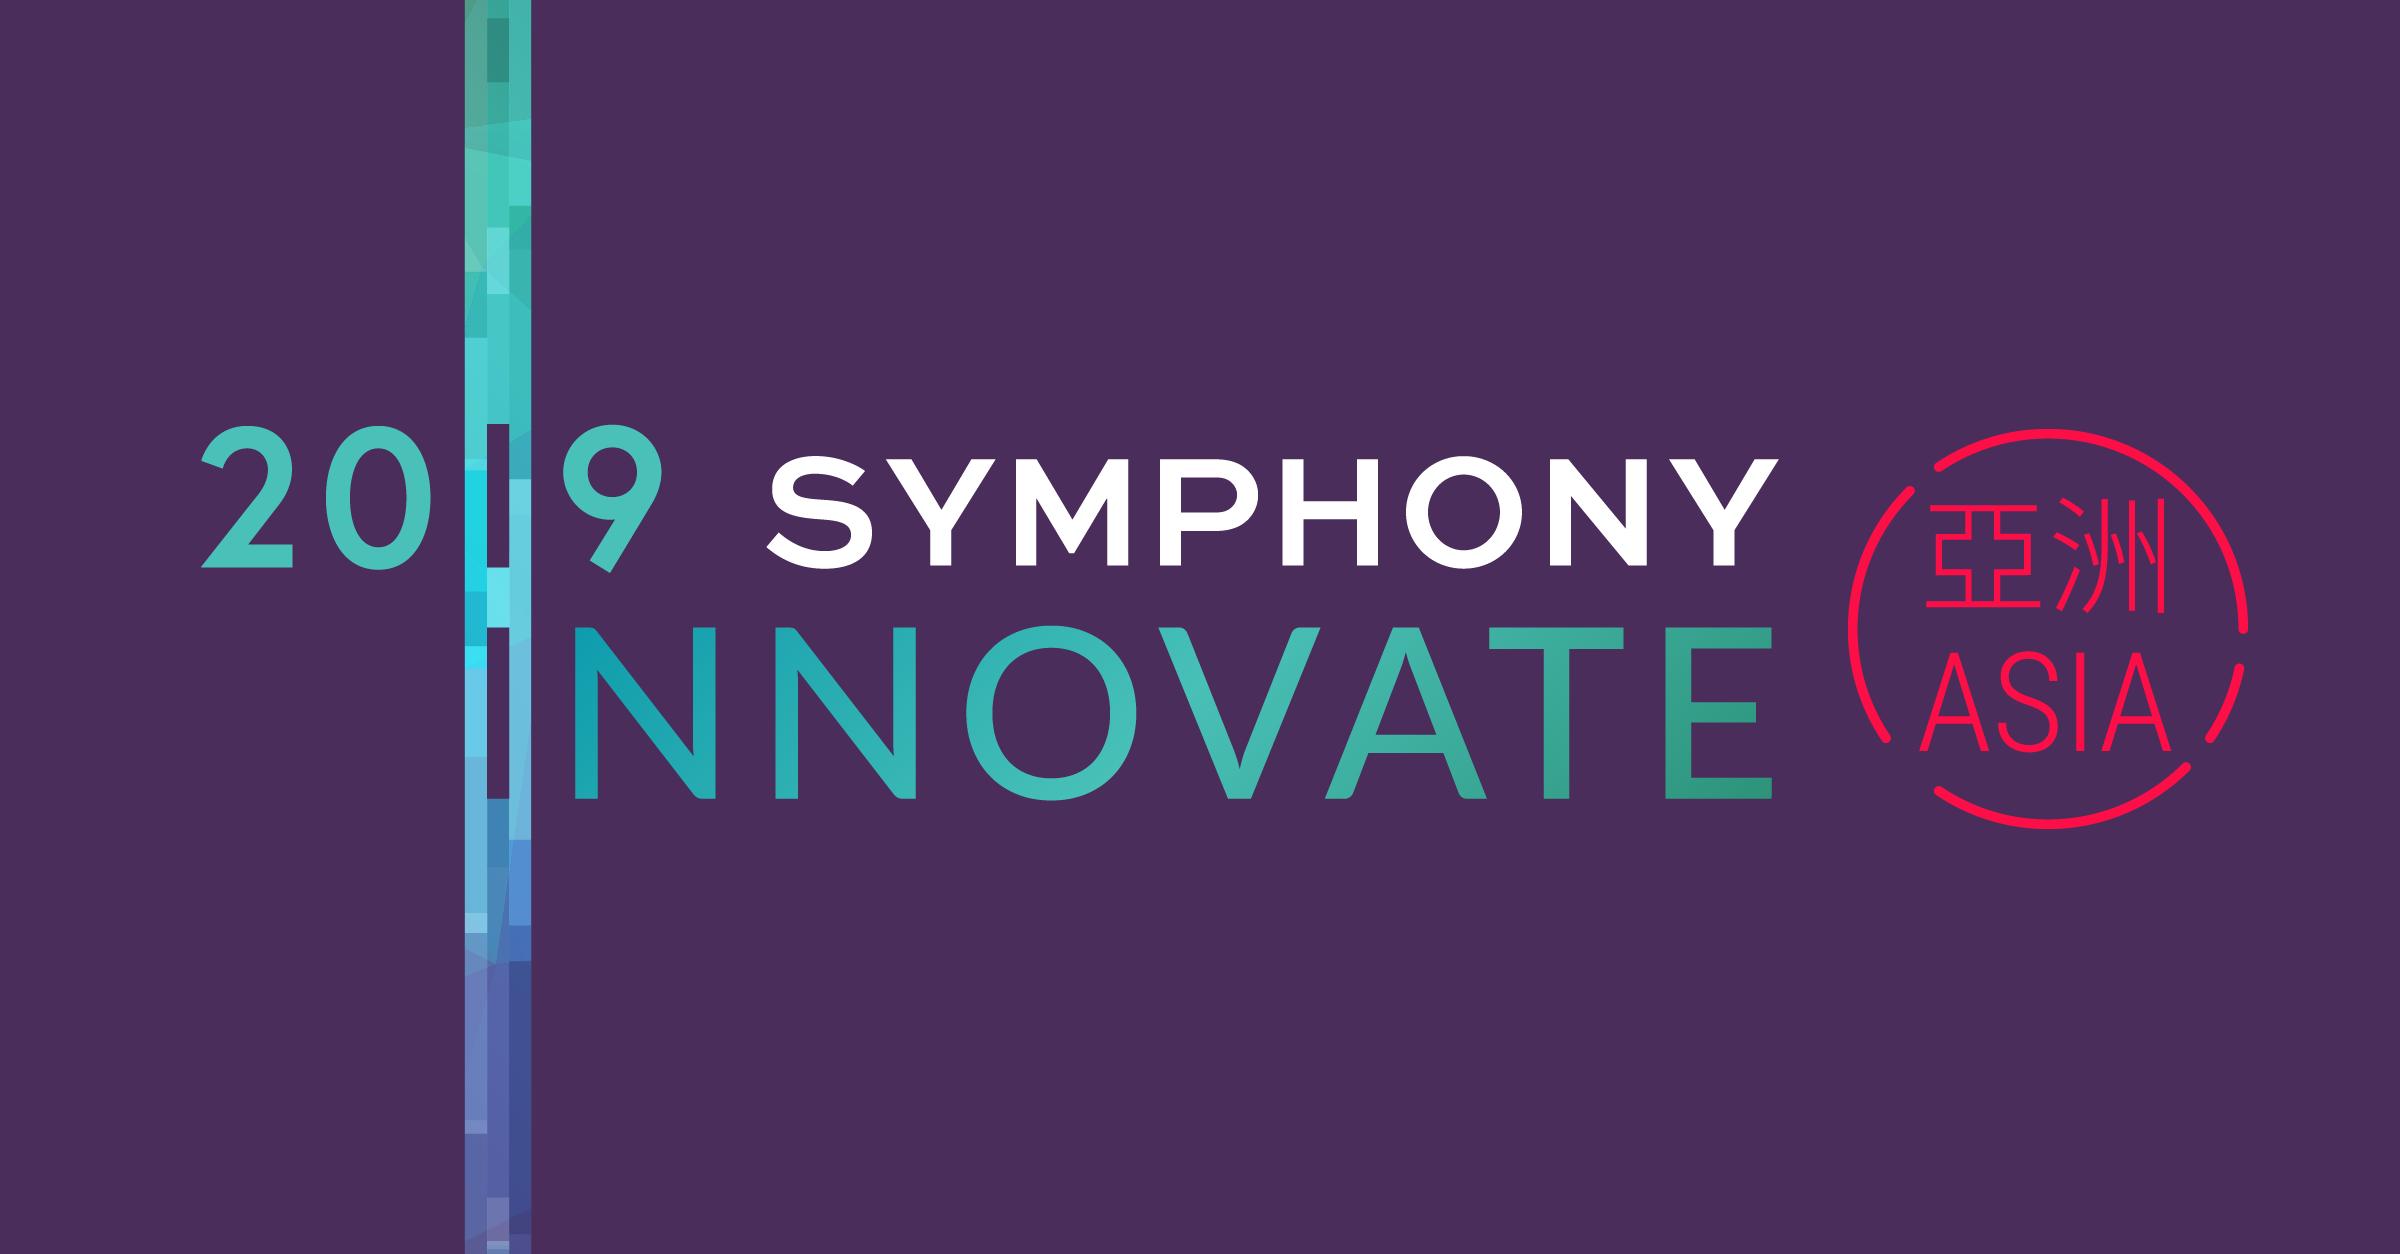 Symphony Innovate Asia 2019